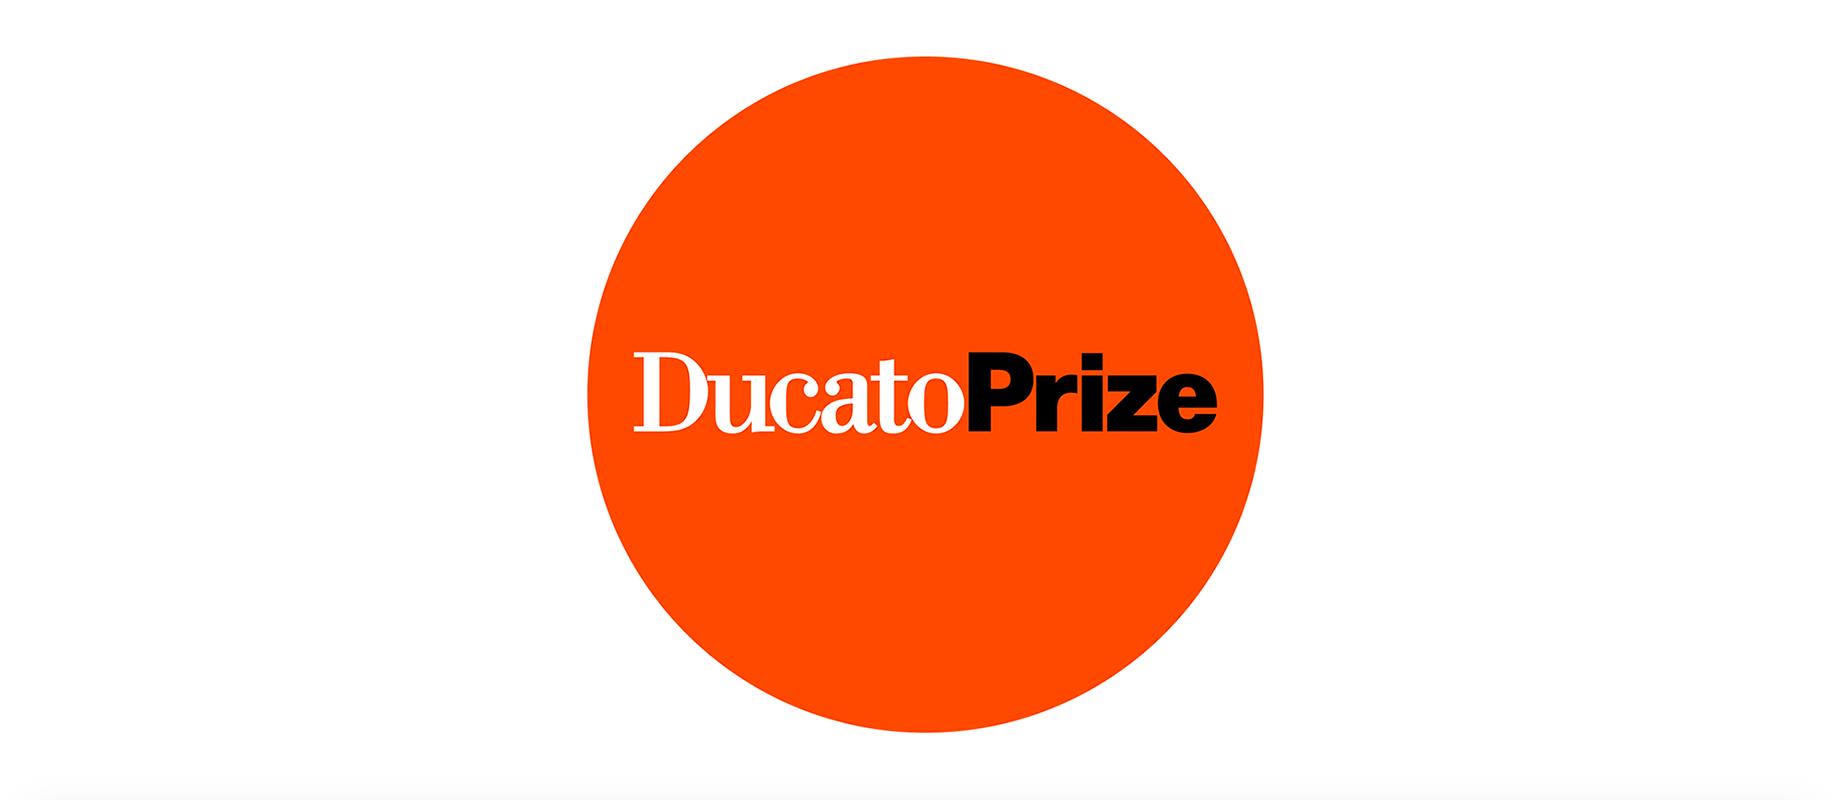 Ducato Prize